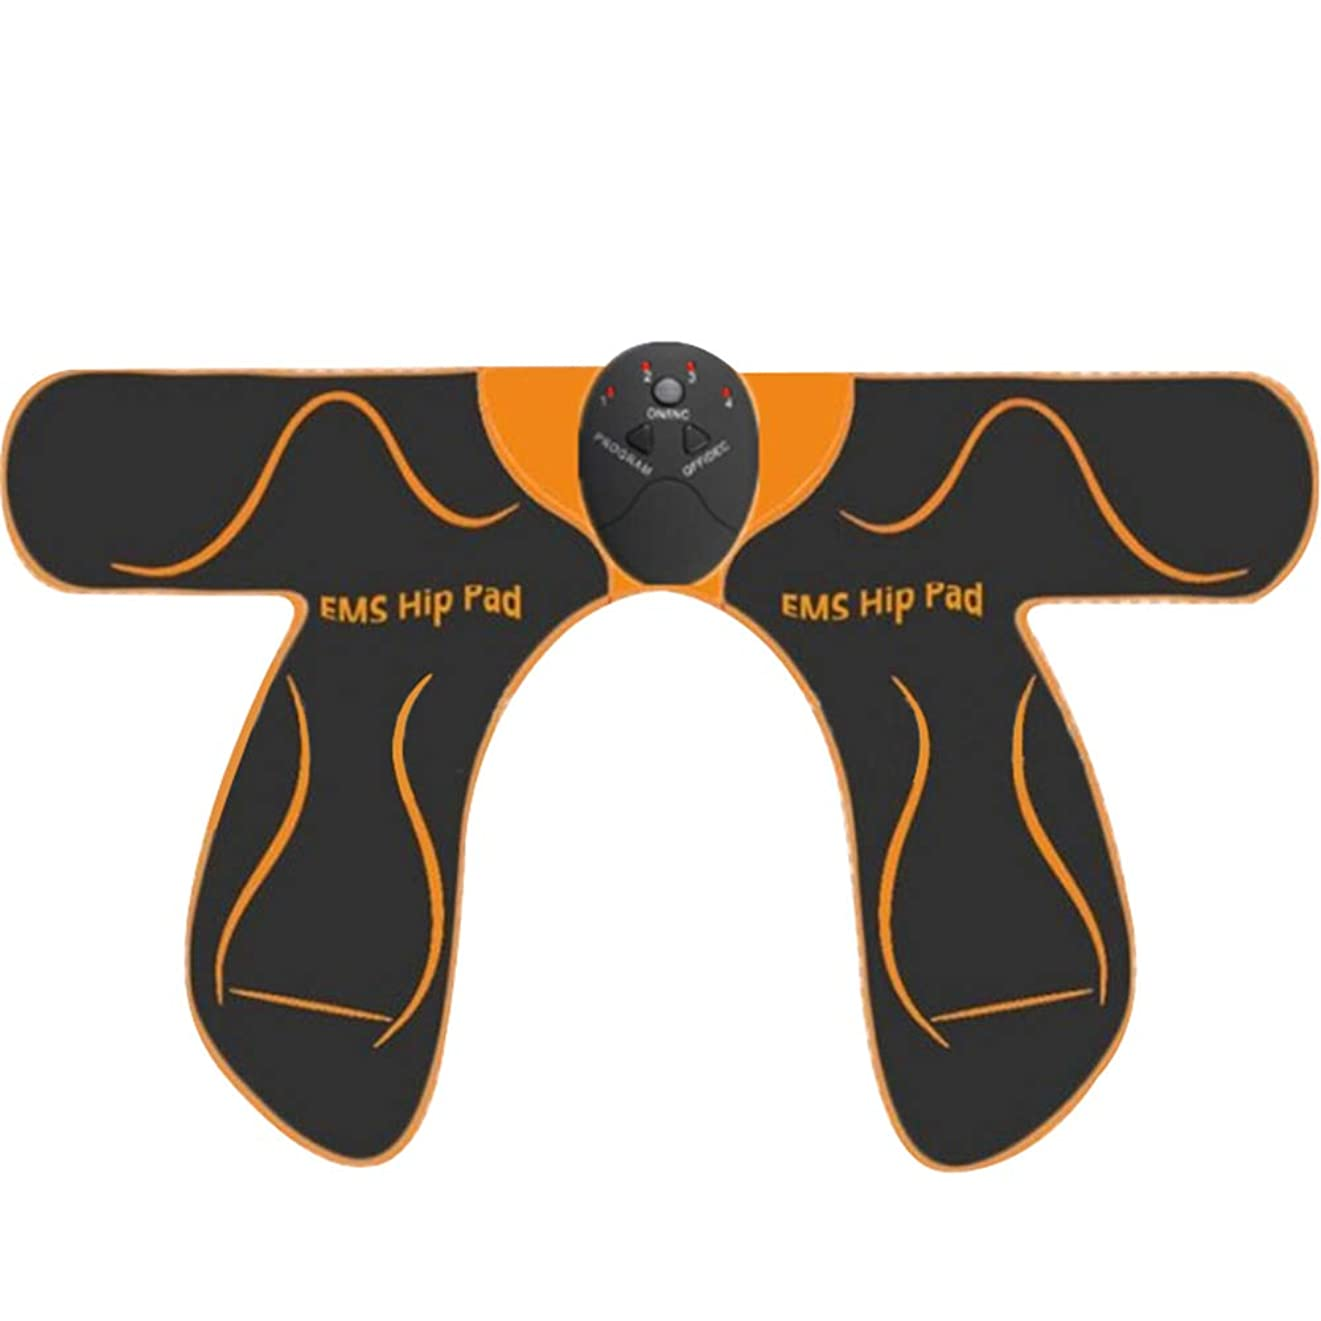 修羅場抜け目がない体細胞EMSヒップウエスト刺激トレーナー筋肉ABSフィットネス尻マッサージ尻リフティング臀部トナートレーナースリミングマッサージャー